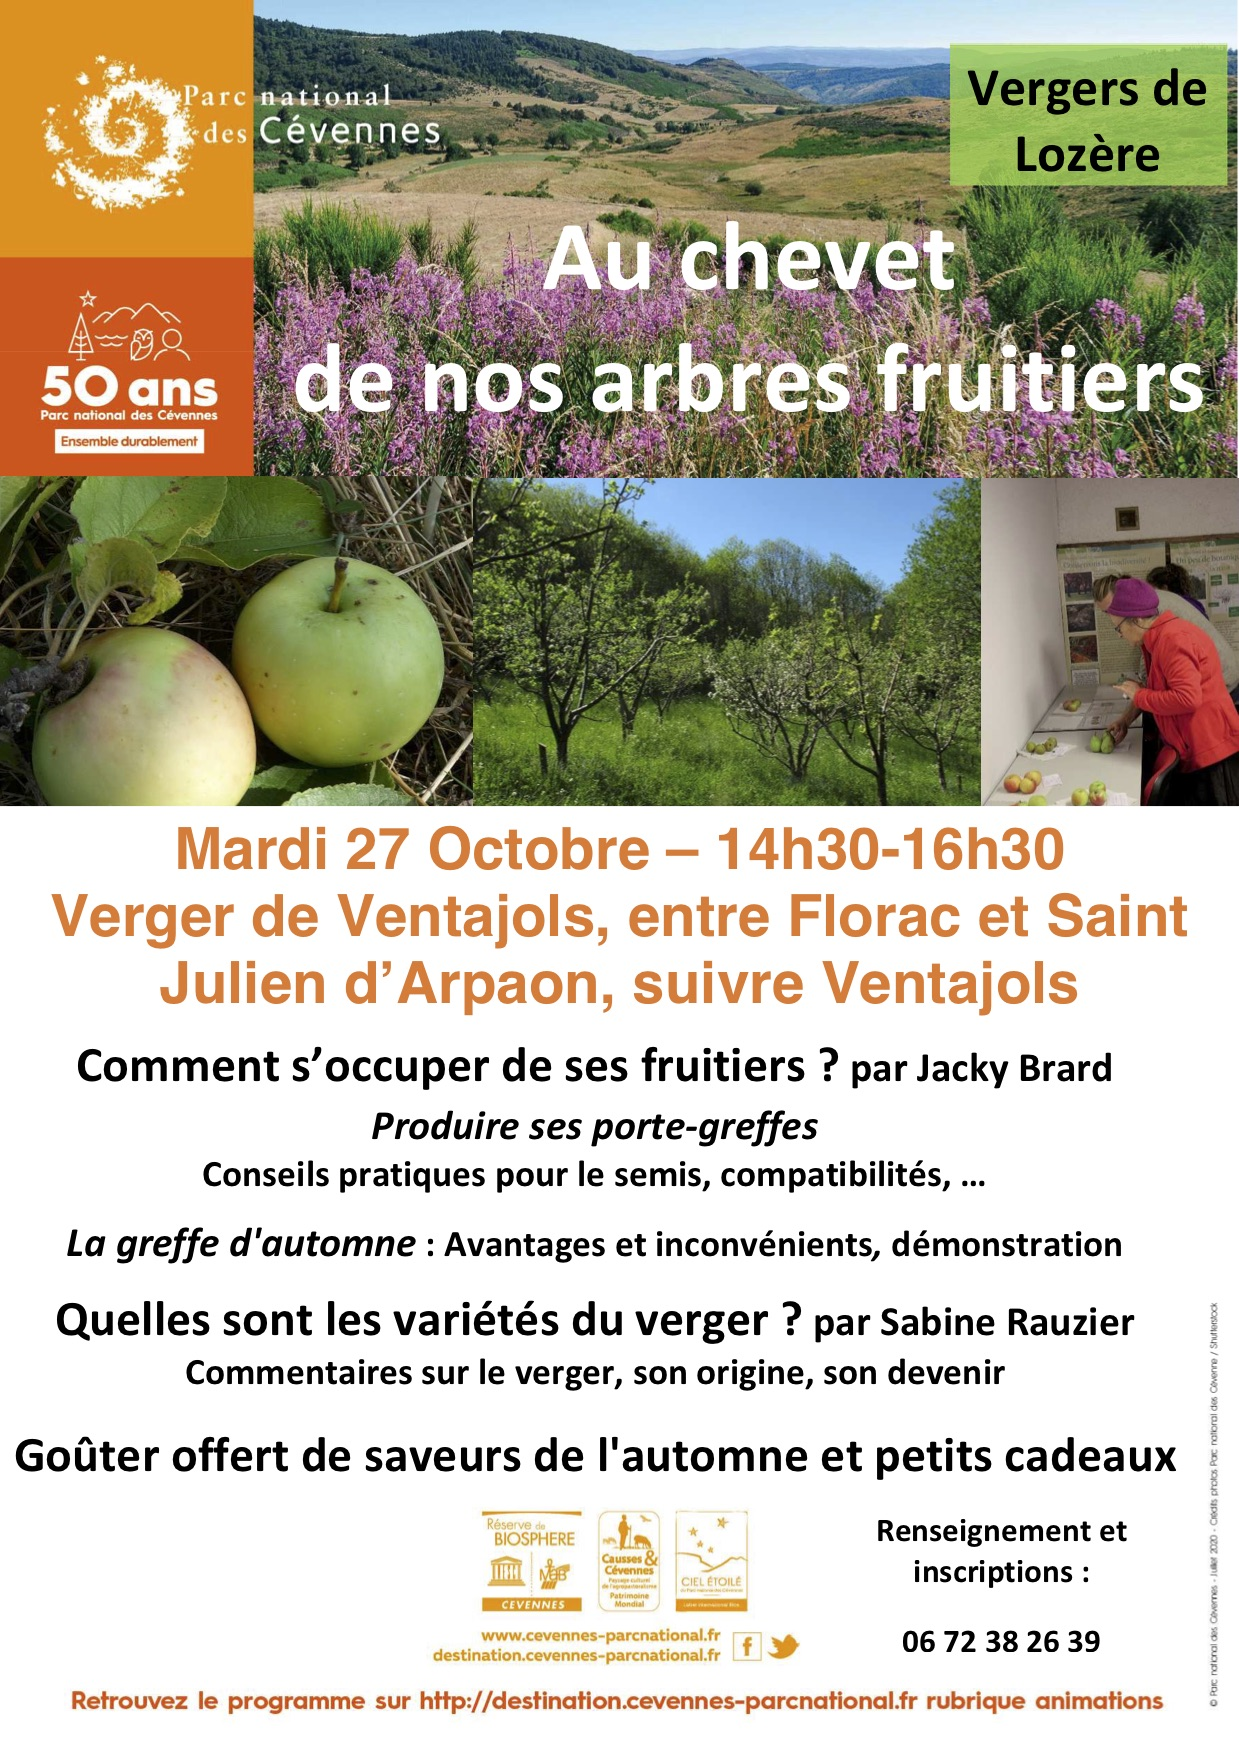 Annulation : Au chevet de nos arbres fruitiers